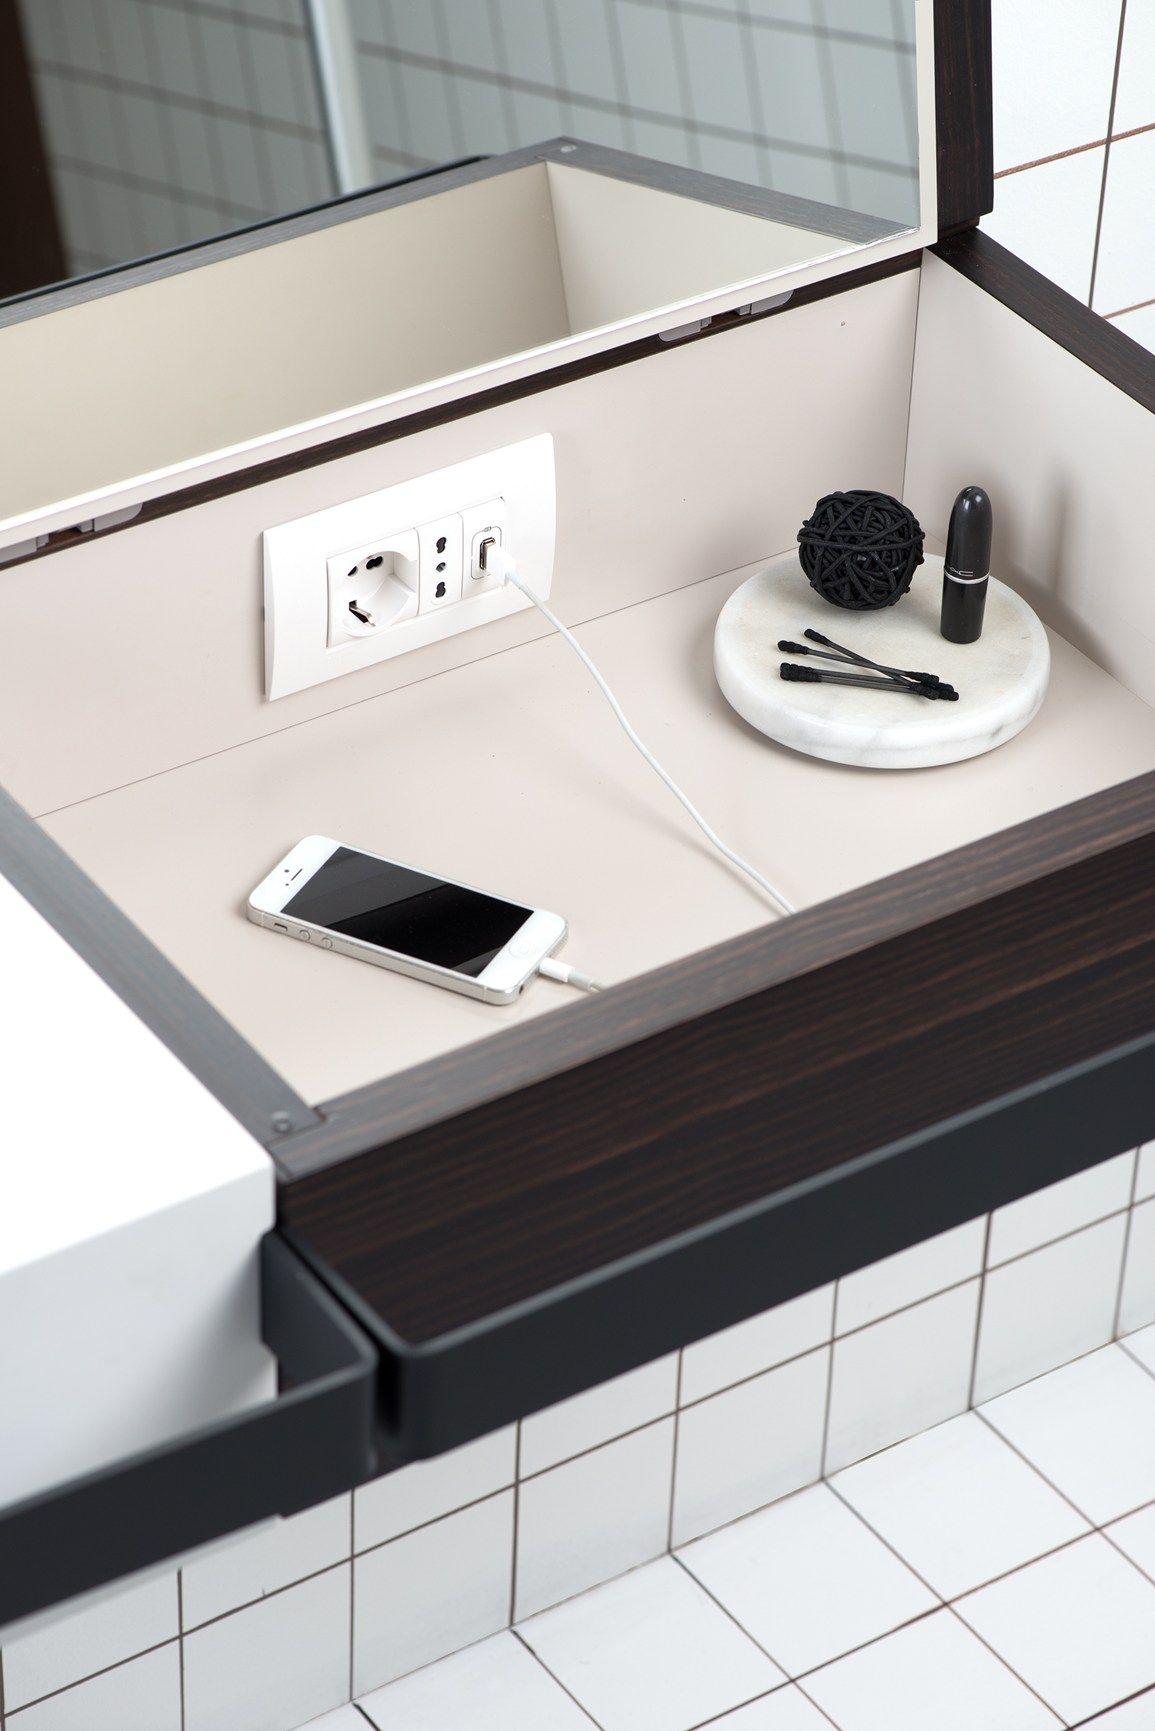 Lavabi e contenitori sospesi e modulari - Asciugamani bagno firmati ...